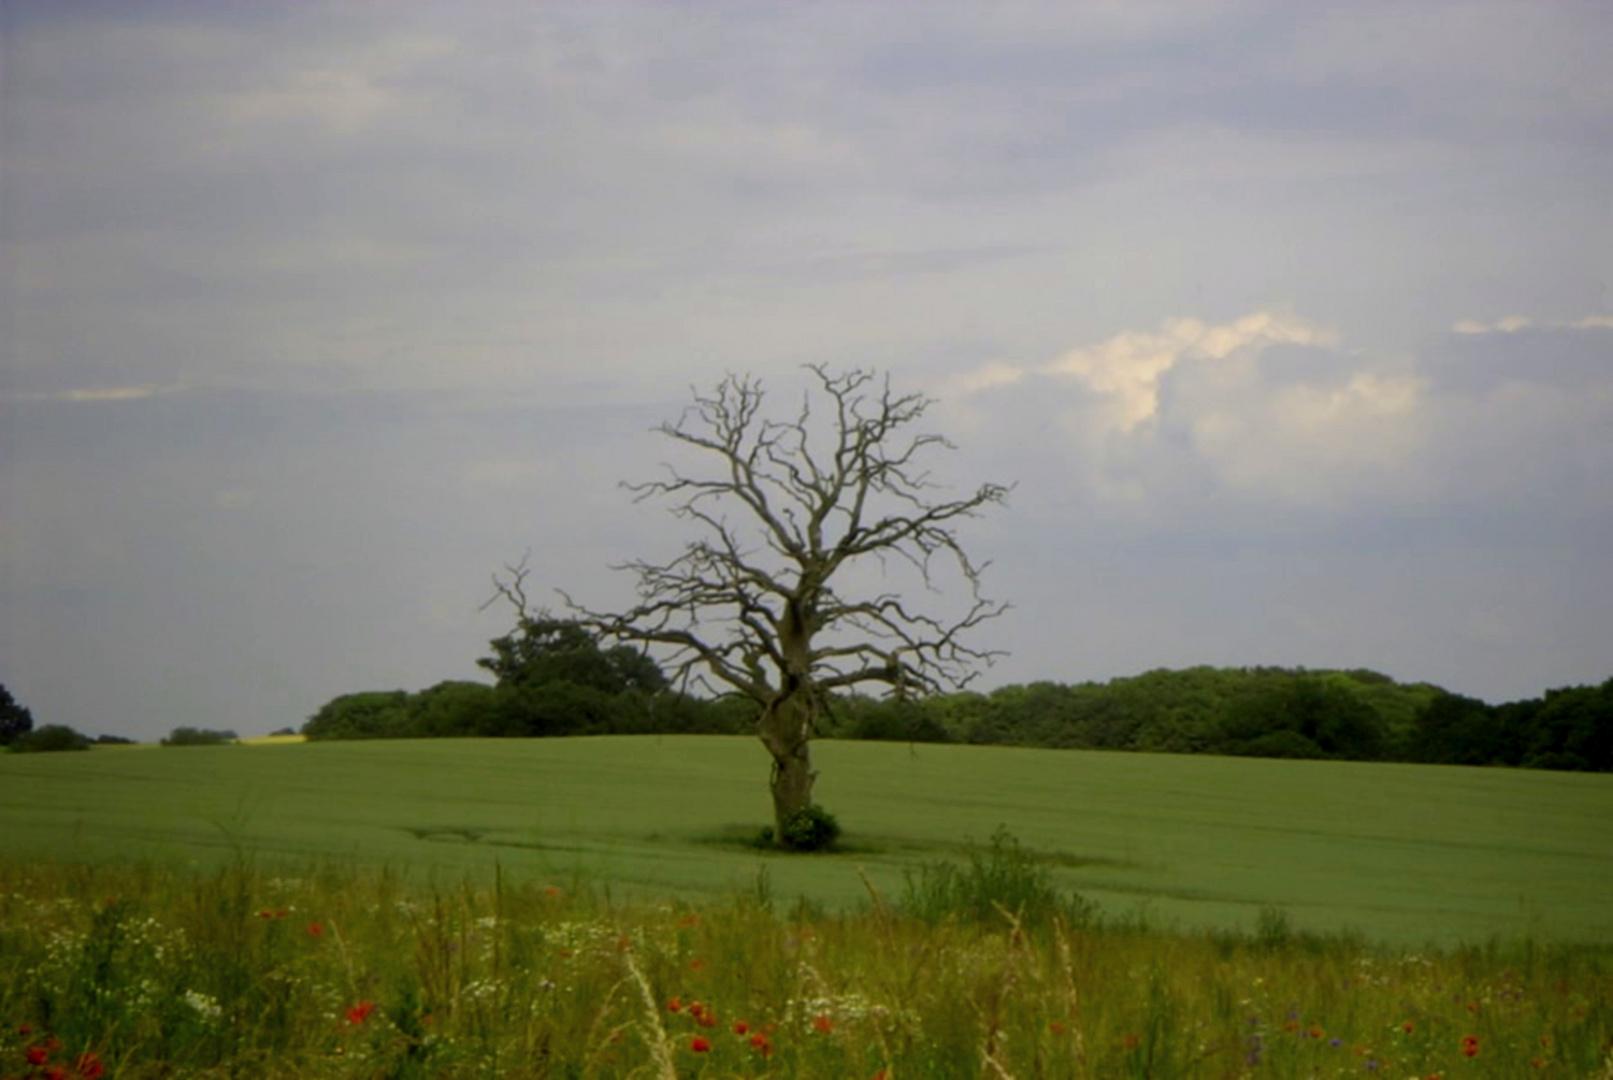 Baum Death